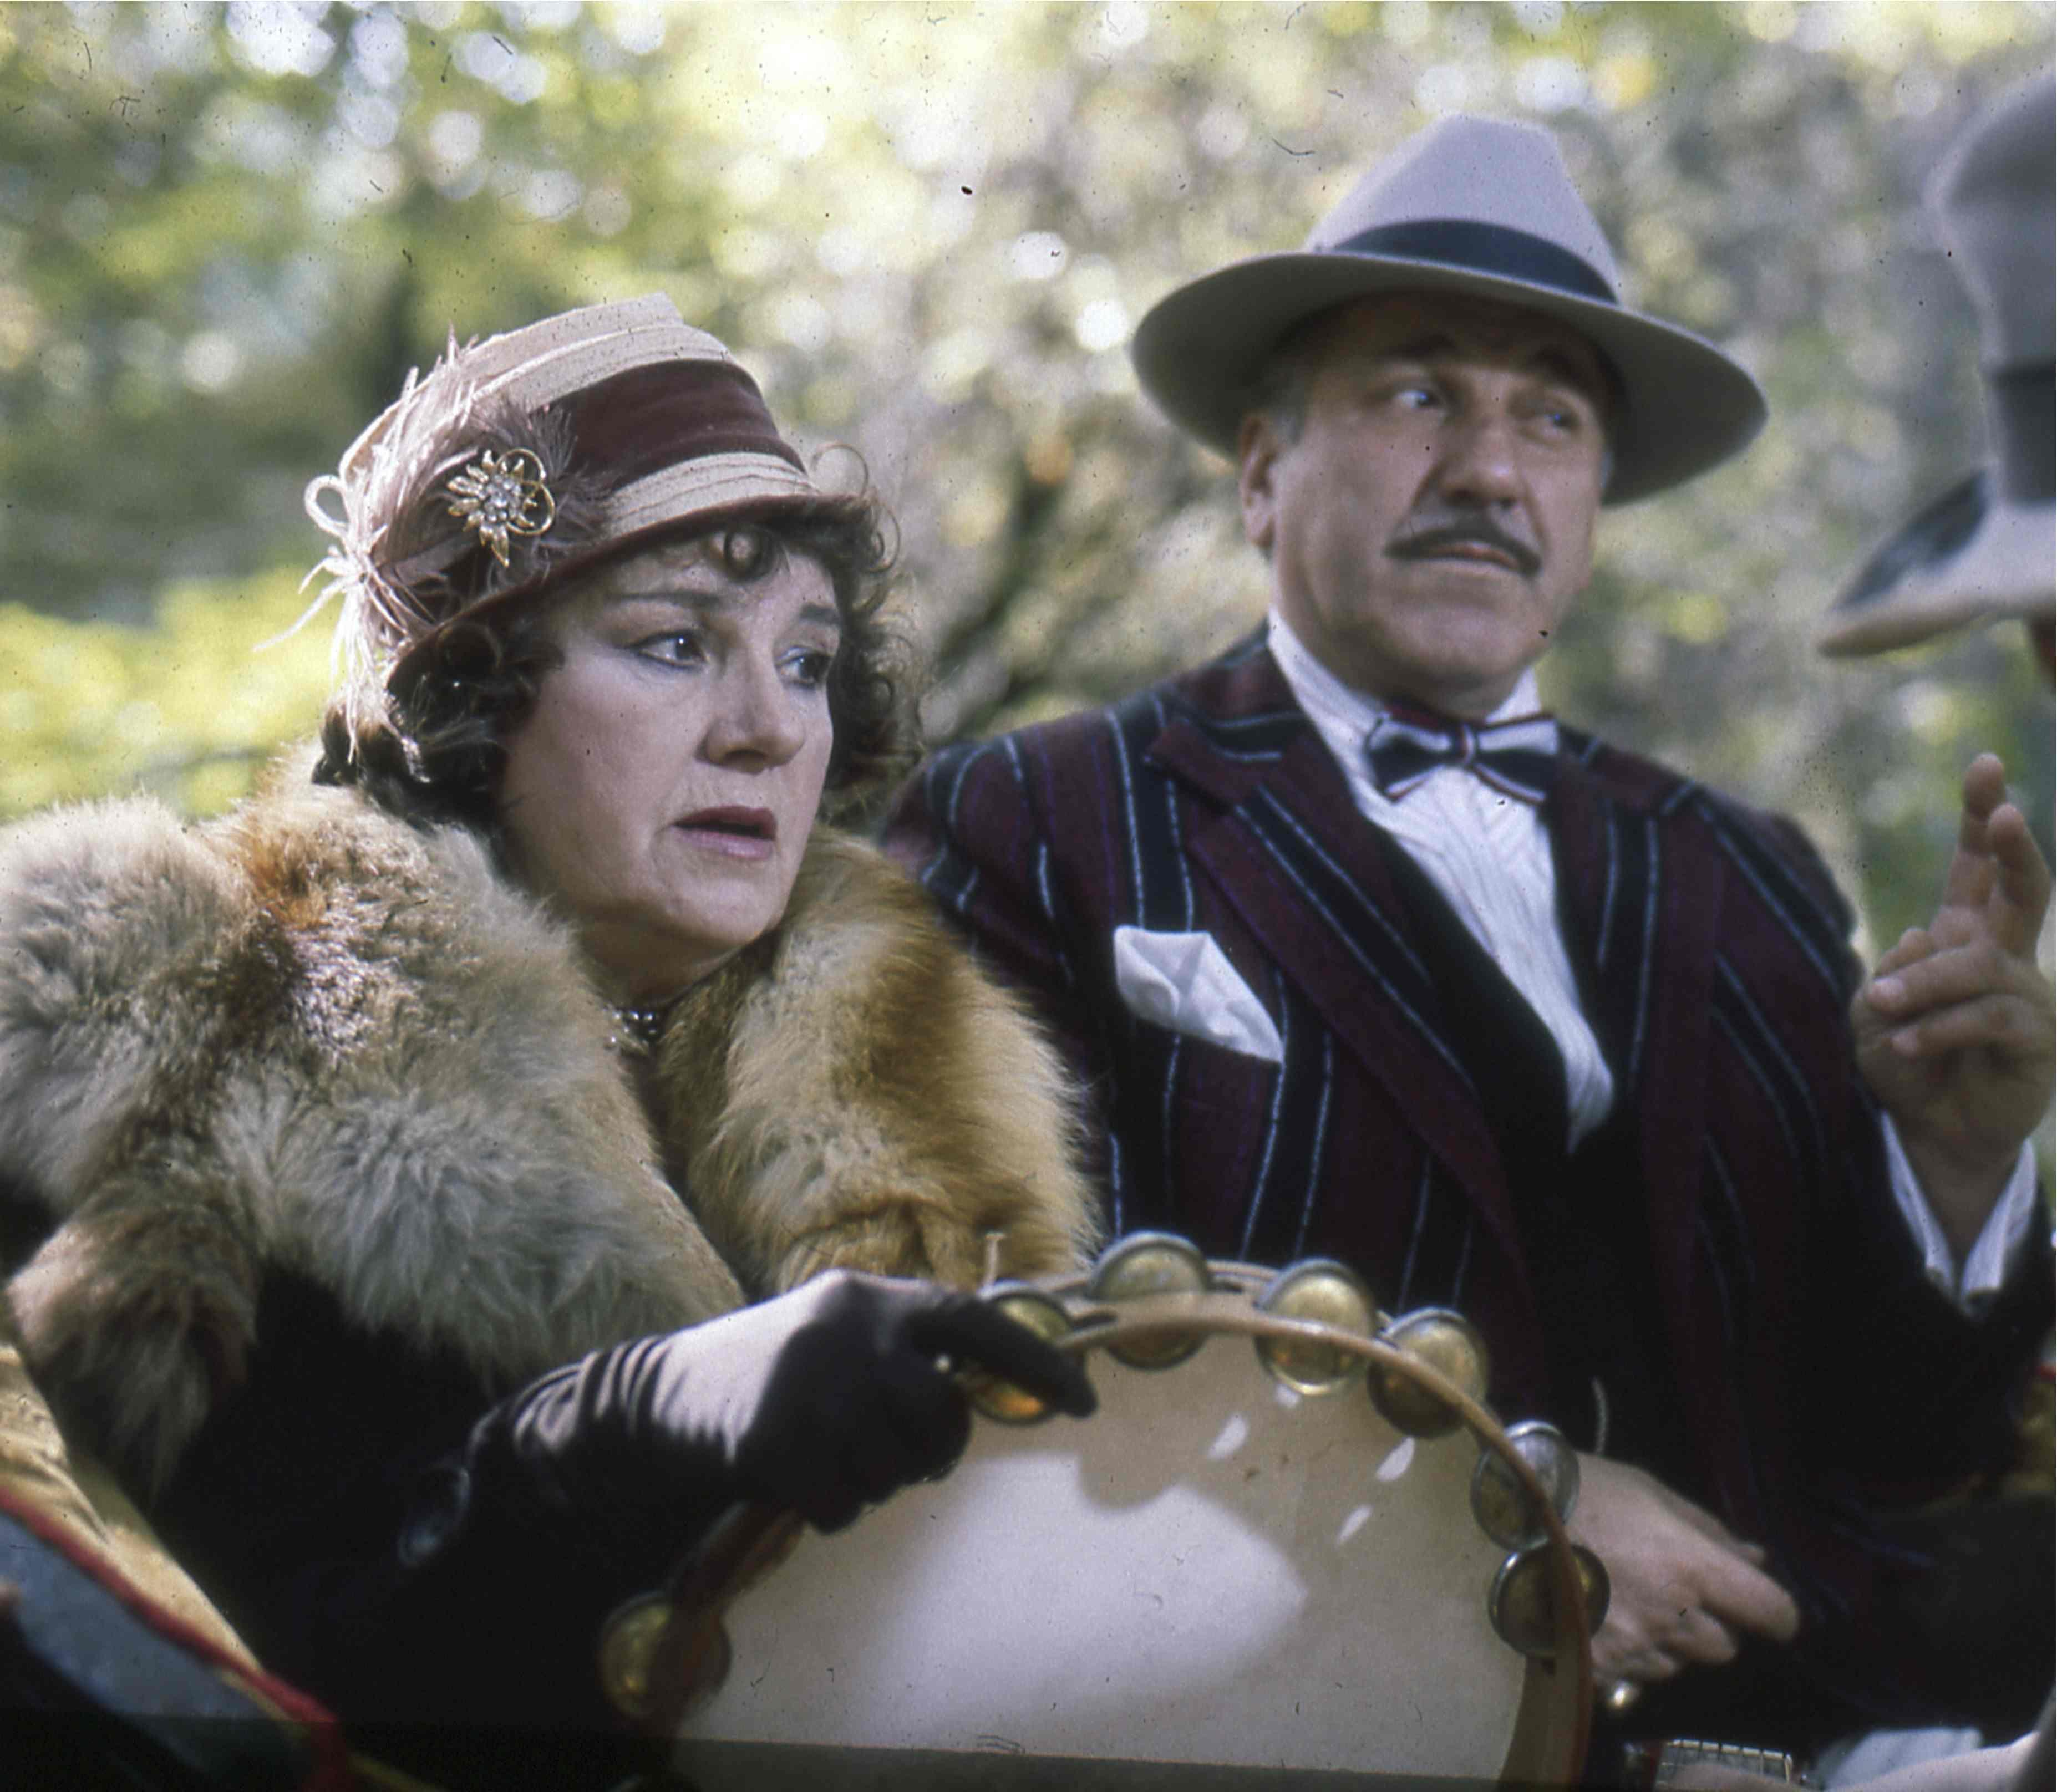 Olivera Markovic and Velimir 'Bata' Zivojinovic in Balkan ekspres 2 (1989)